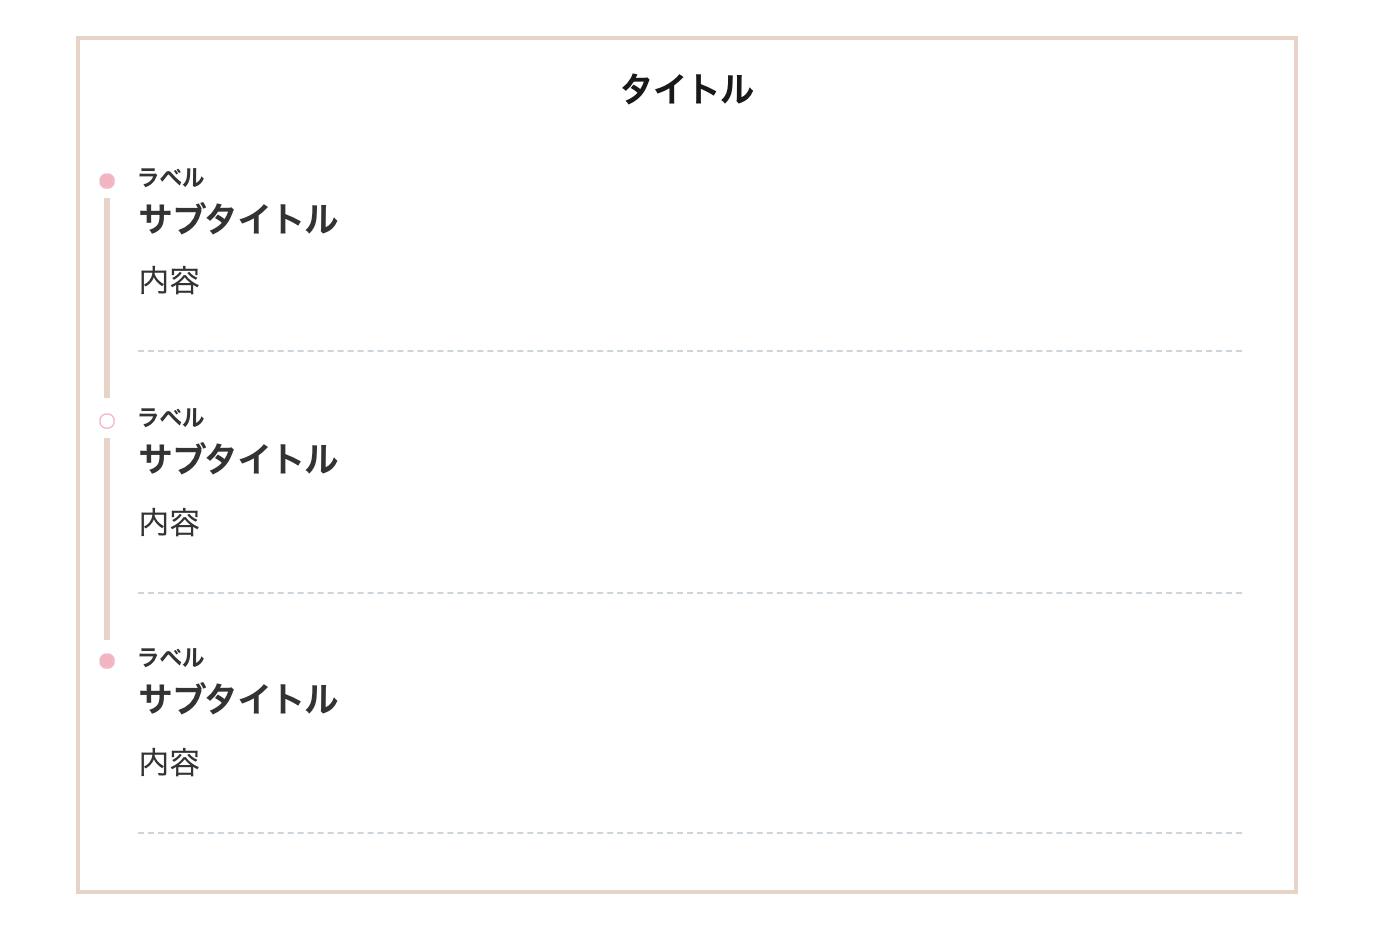 シンプルタイムライン(枠あり)